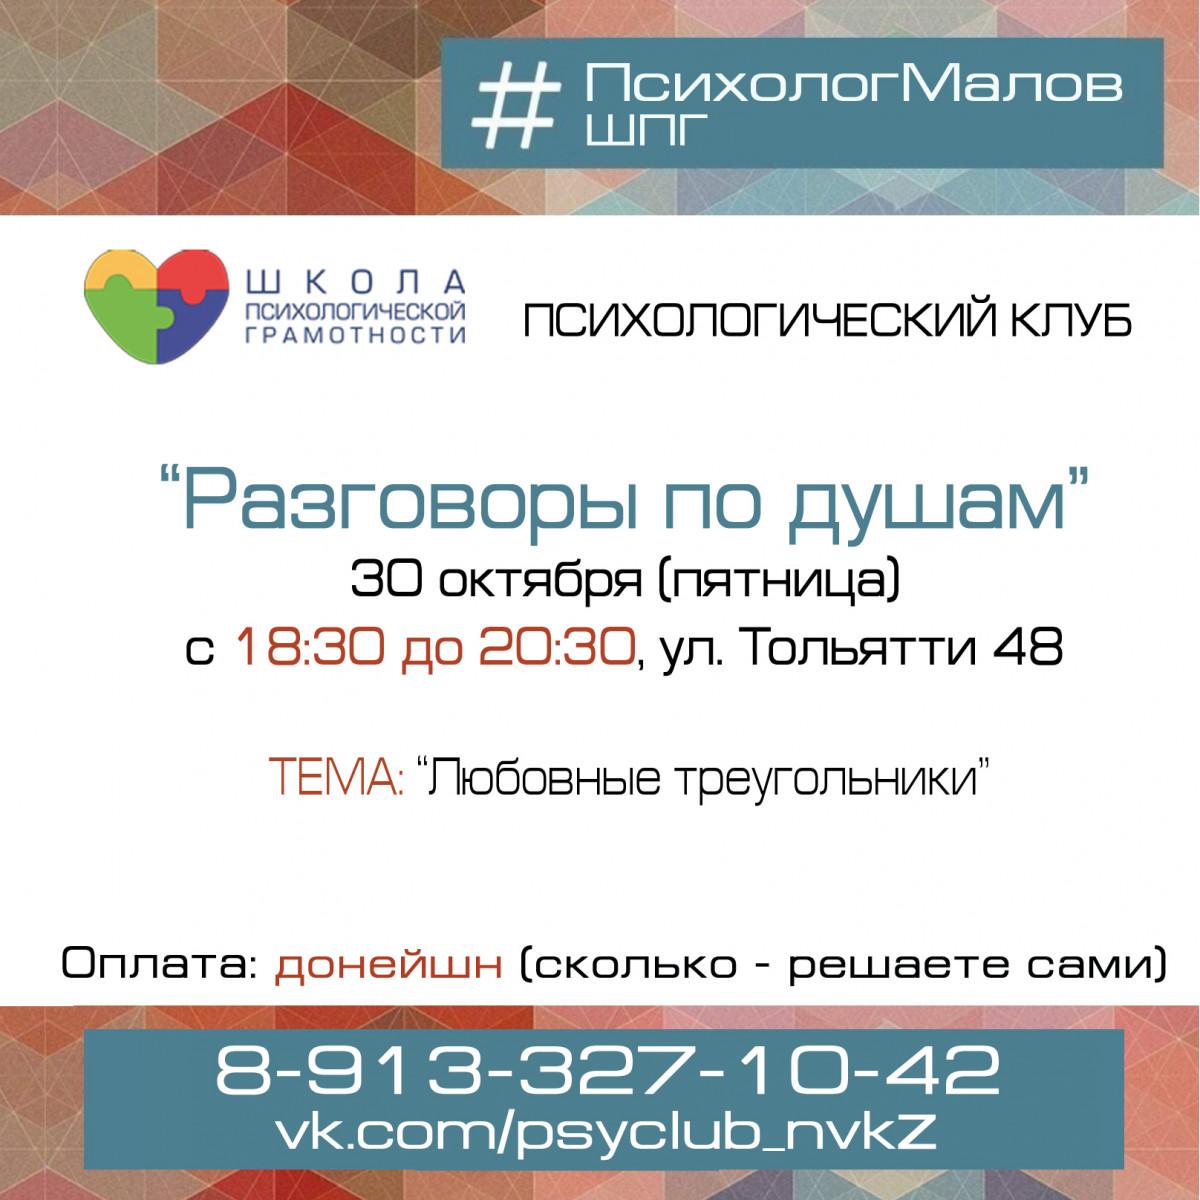 Мужской психологический клуб клуб glastonberry москва